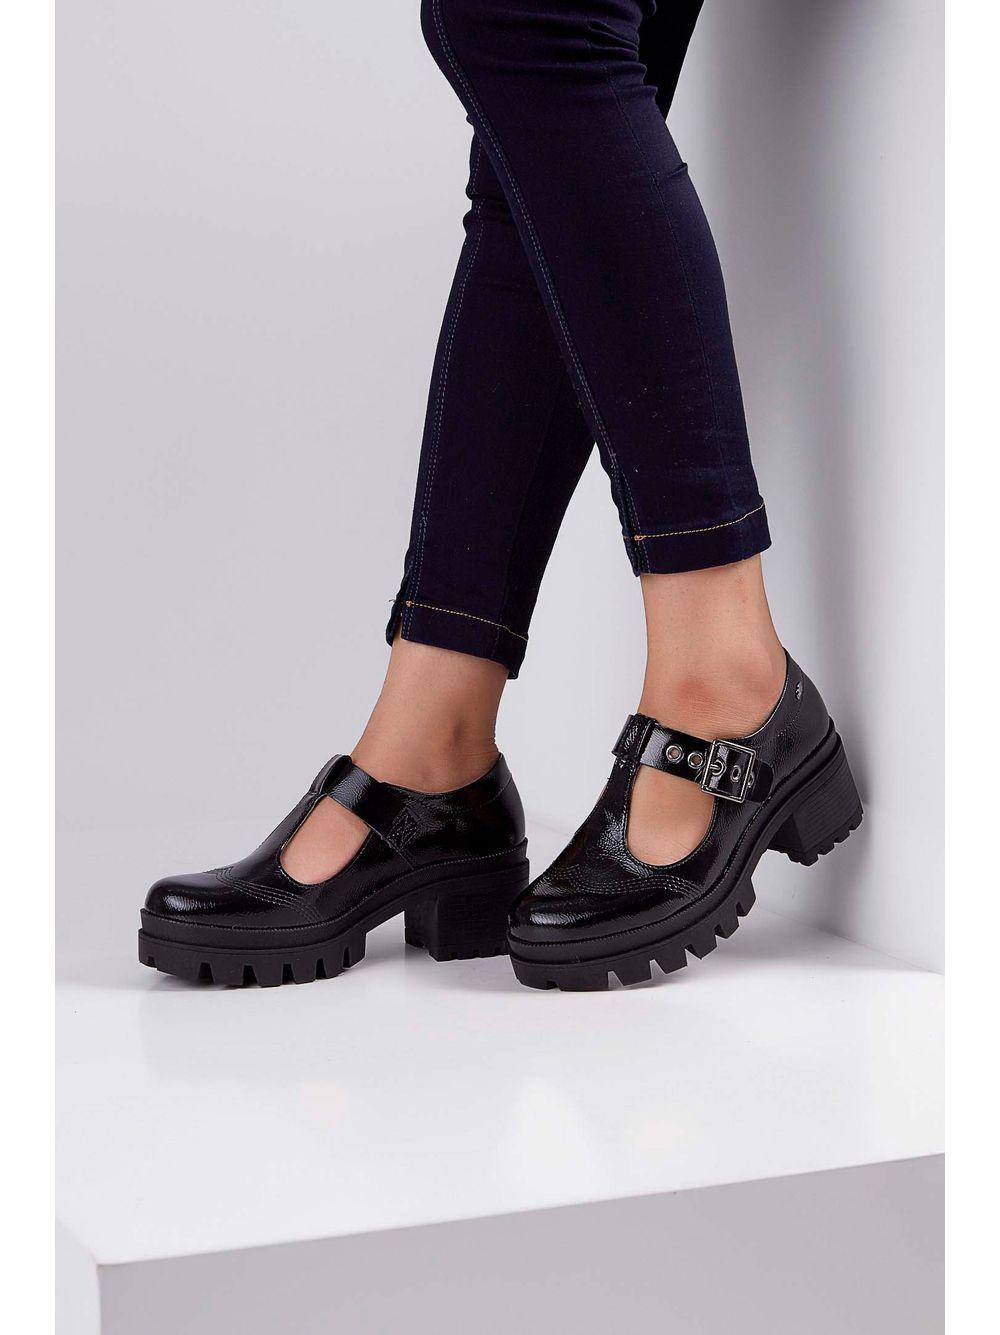 a0fb2a44a Sapato Boneca Tratorado Dakota Verniz Fivela Preto - pittol